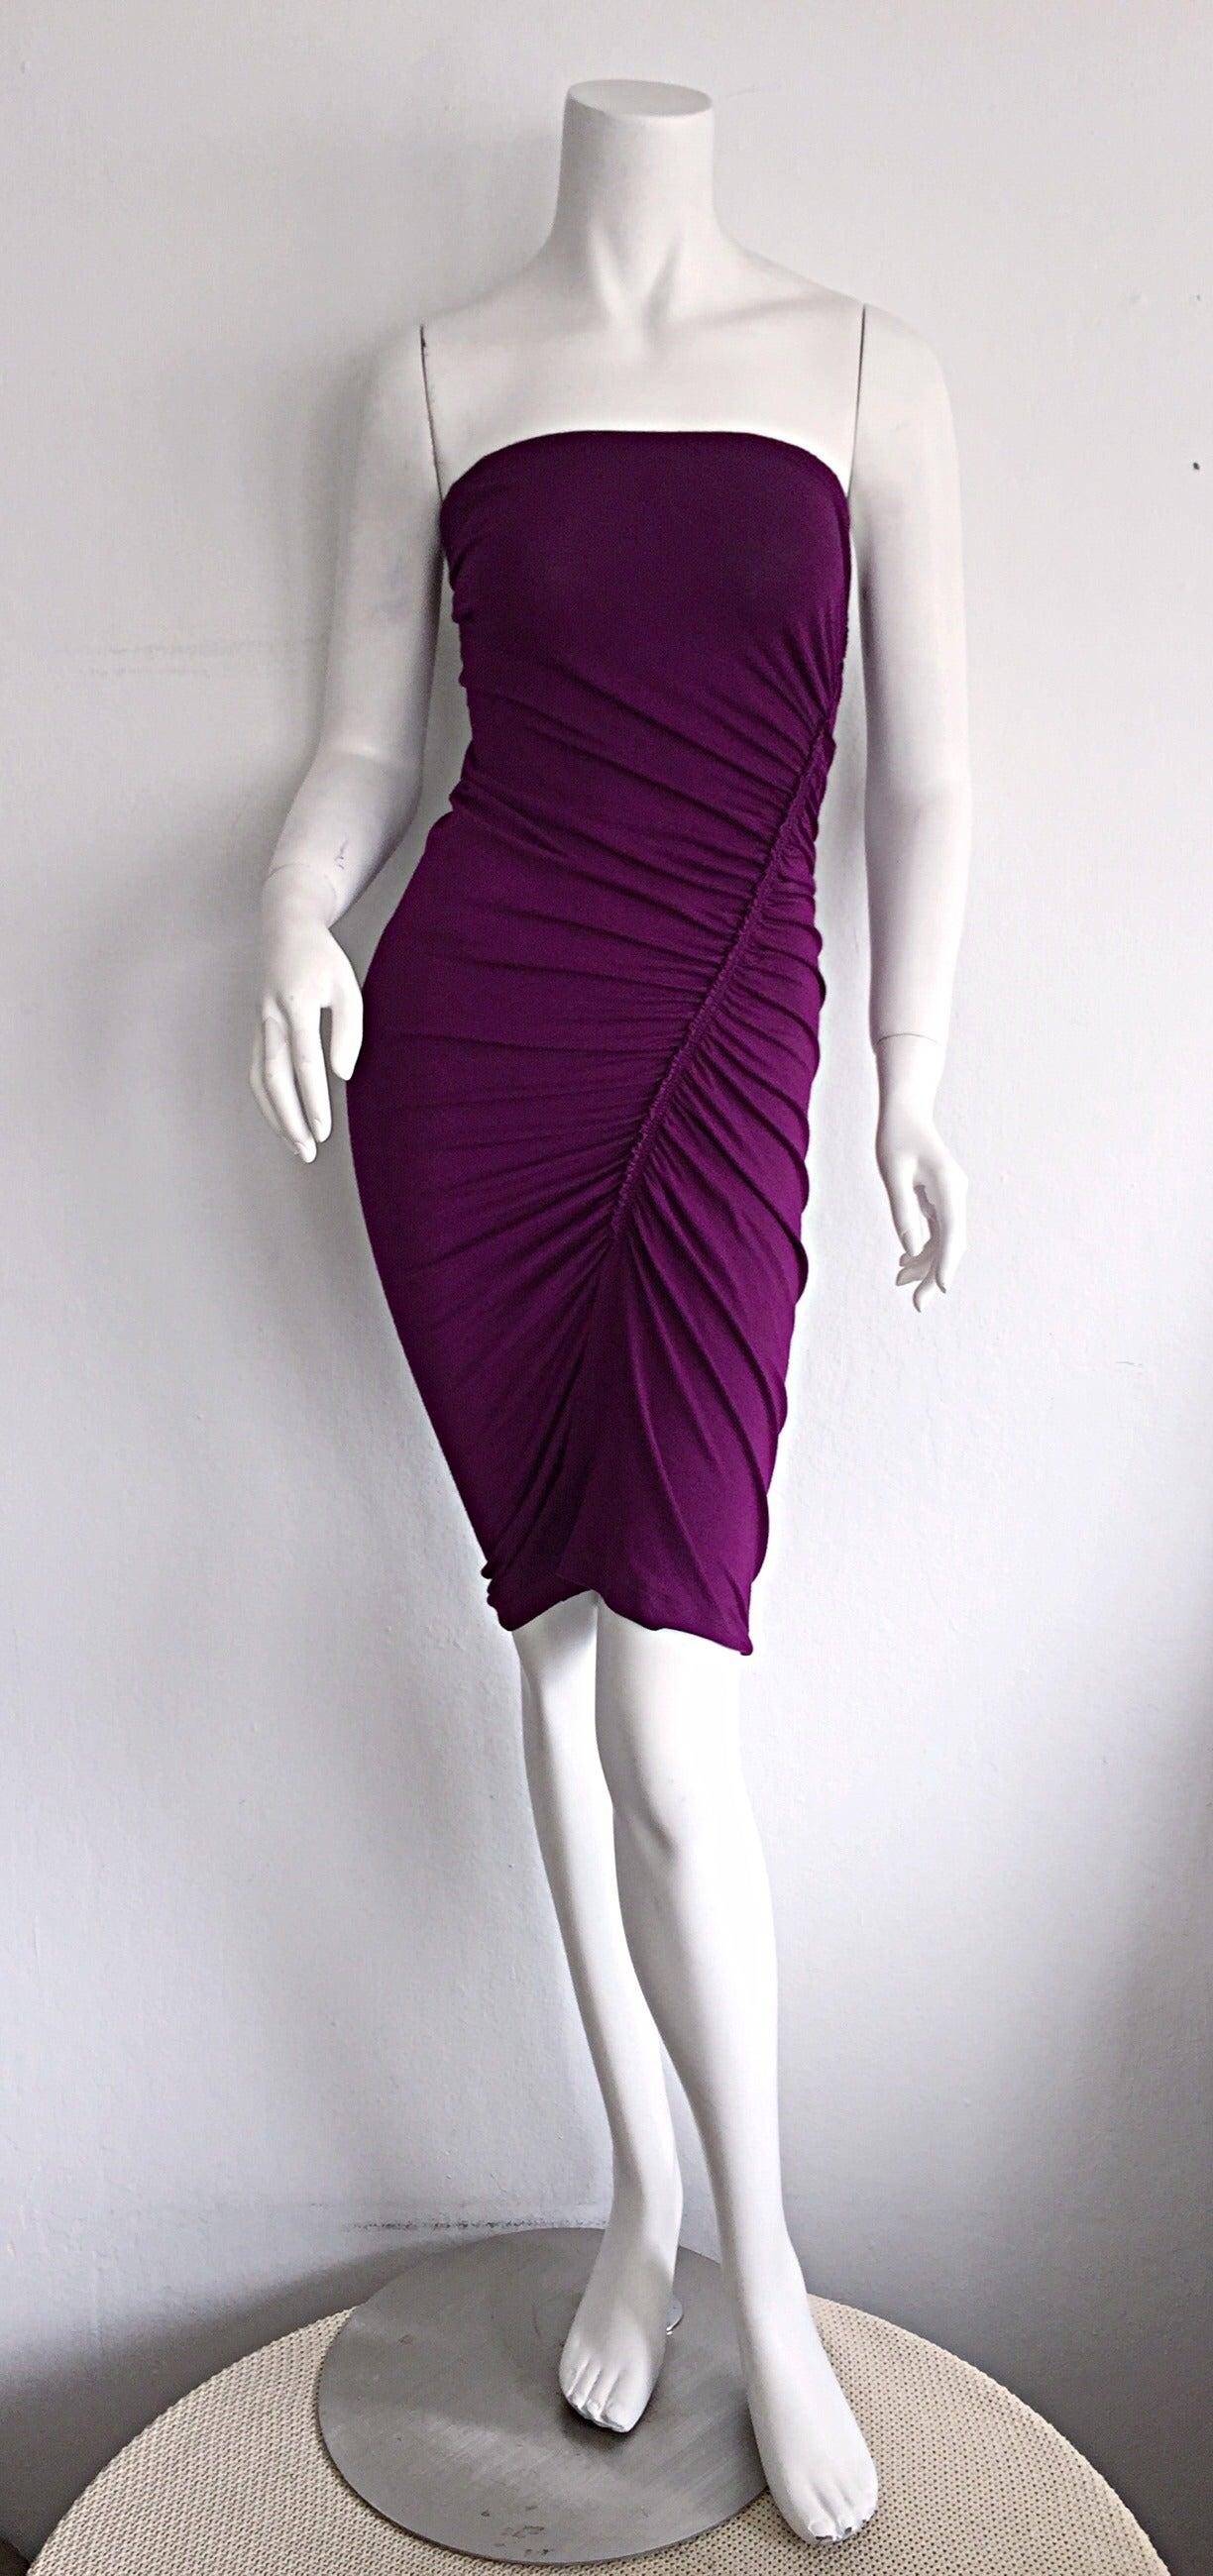 Brand New Donna Karan ' Black Label ' Fall 2010 Purple Ruched Runway Dress 2